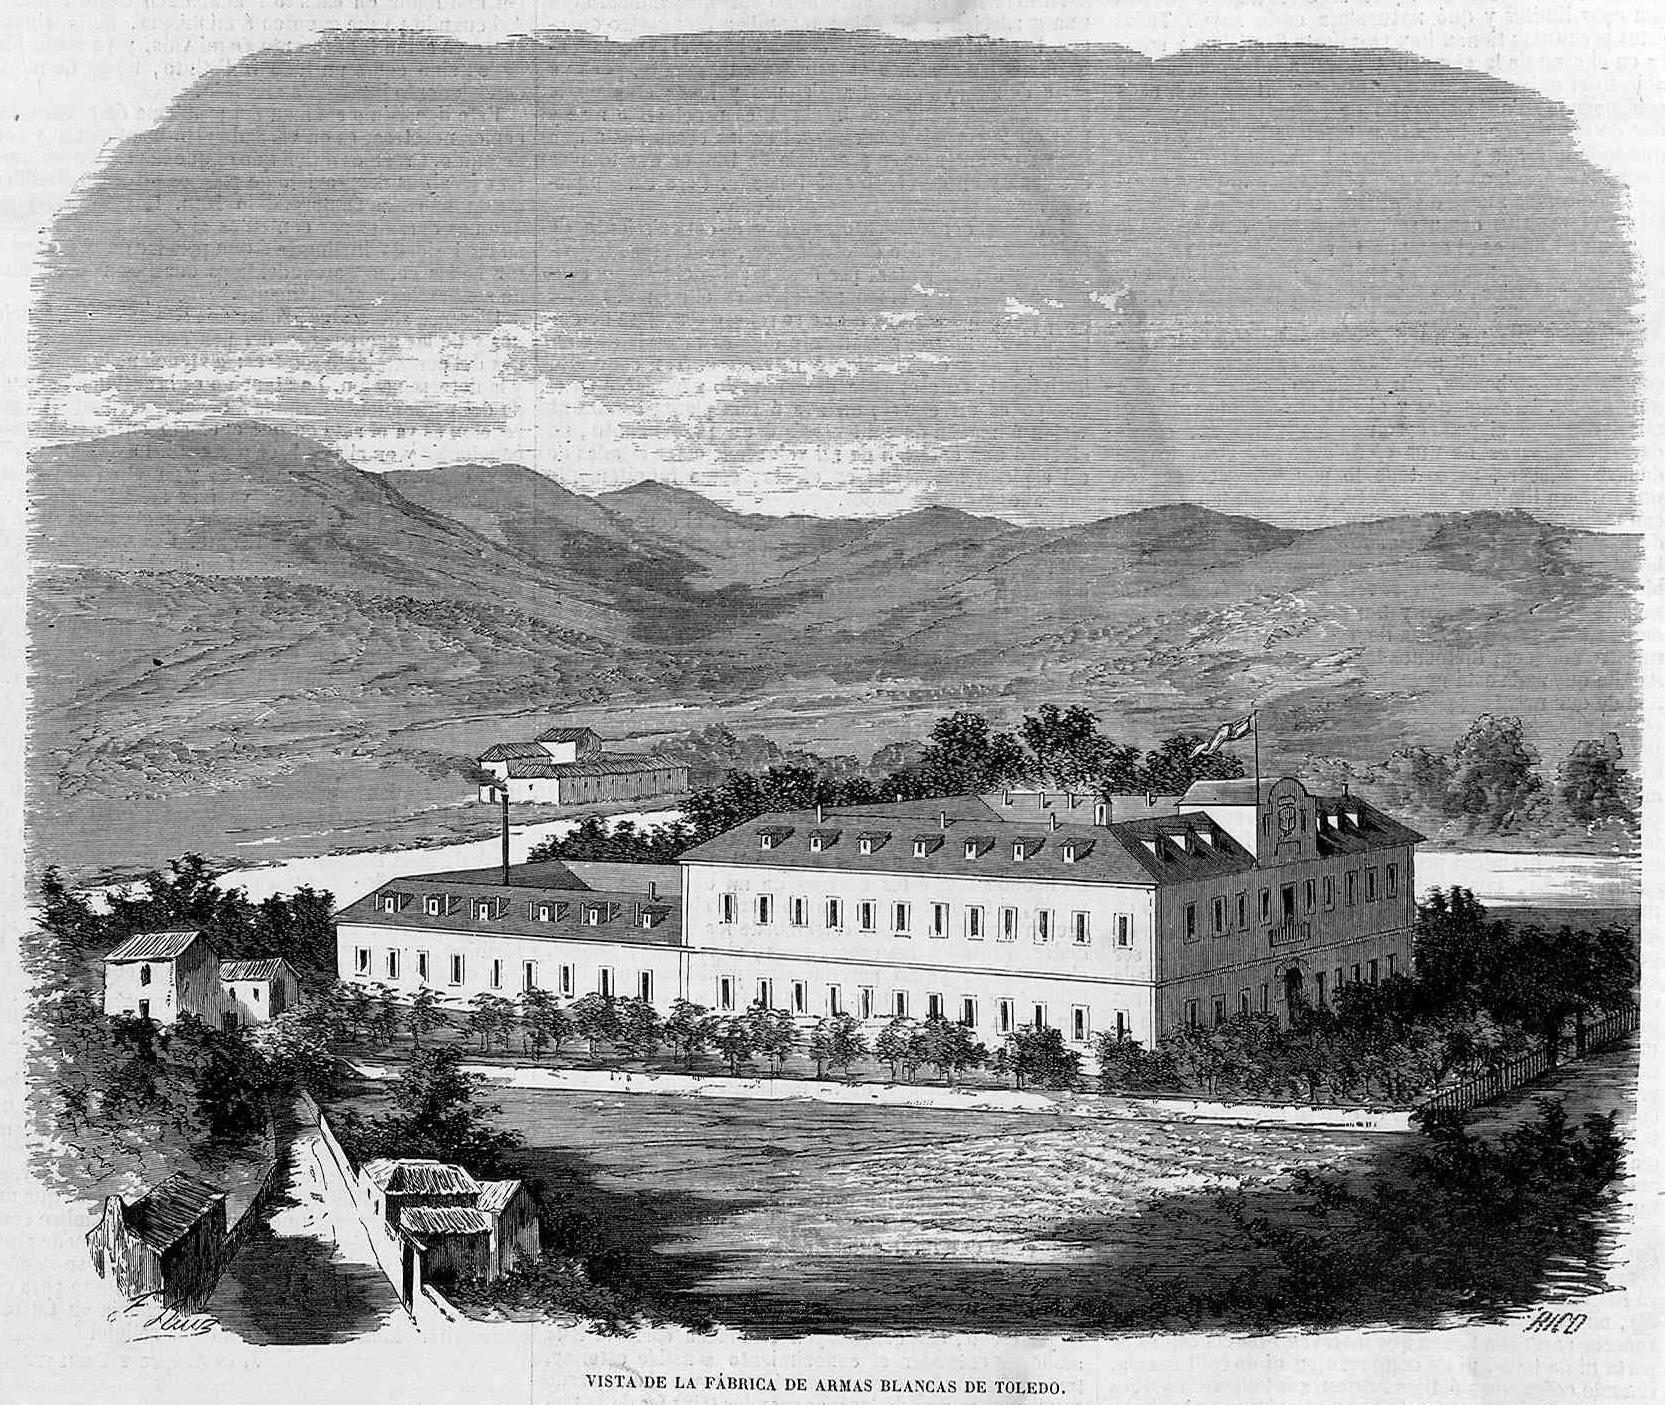 Archivo:Vista de la fábrica de armas blancas de Toledo, en ...